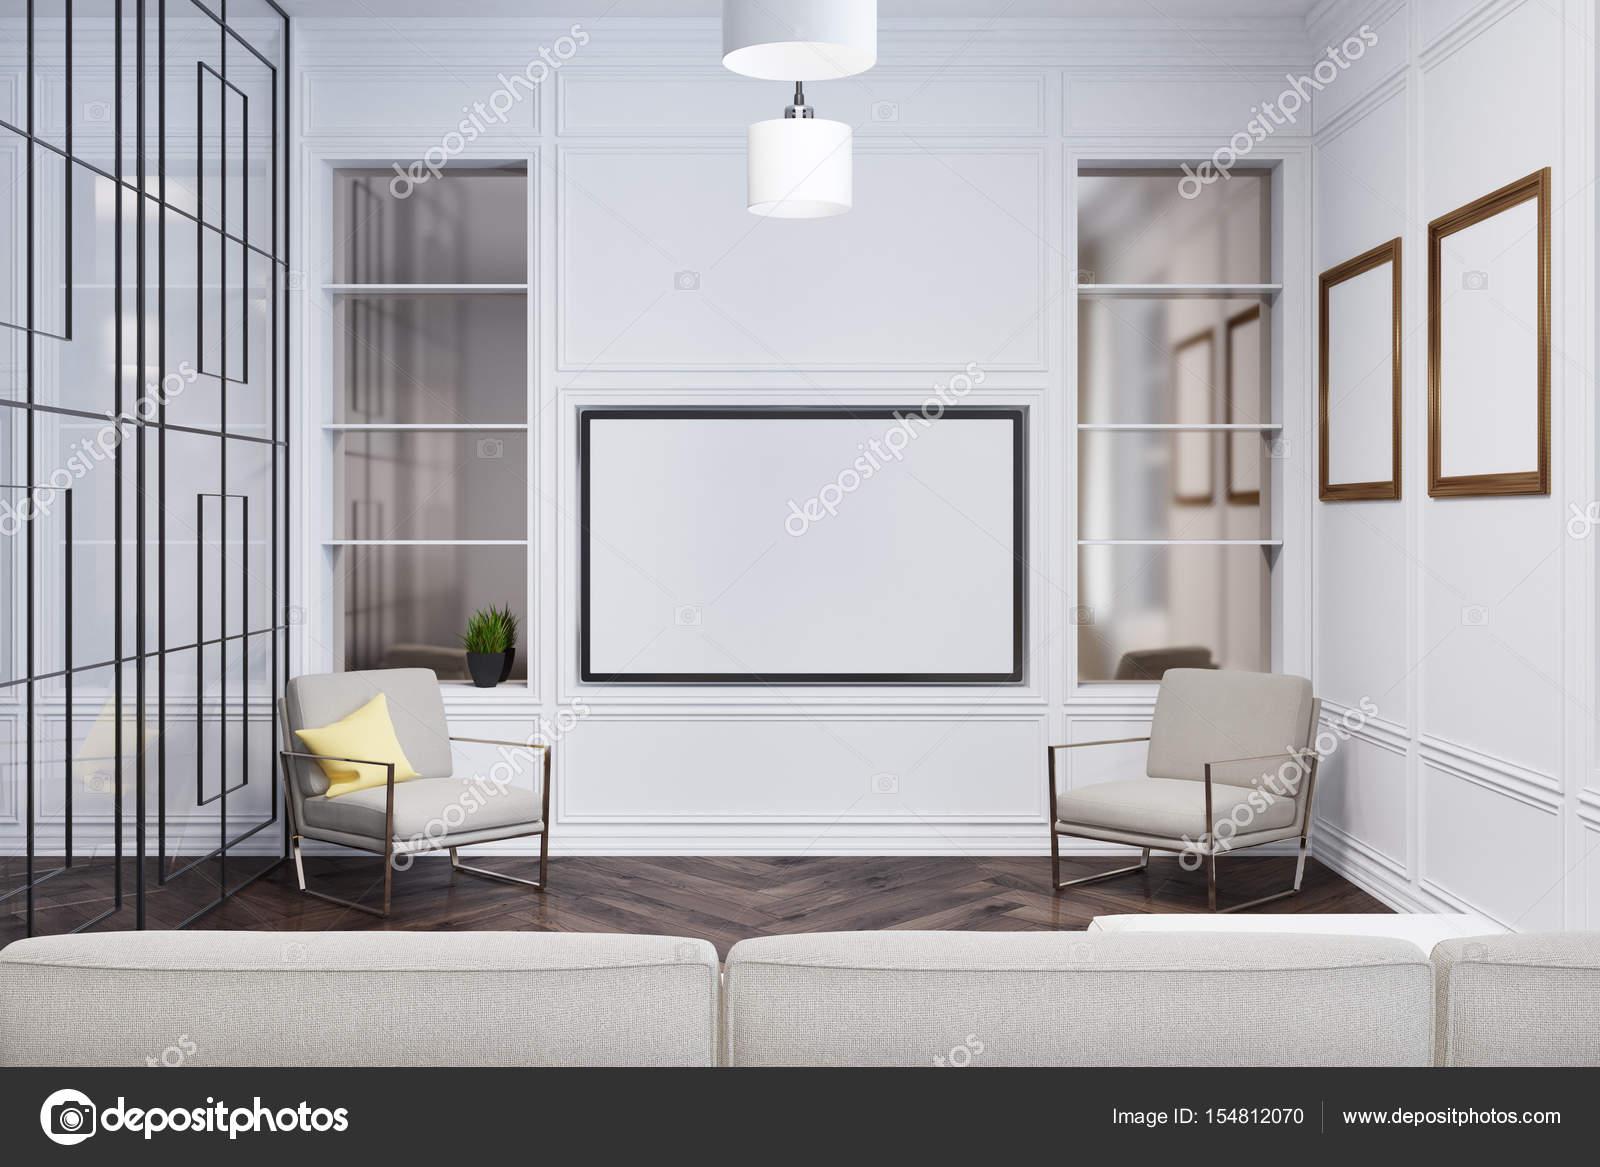 Vorderansicht Des Ein Gemütliches Wohnzimmer Mit Zwei Sesseln, Einem Sofa  Und Einer Glaswand Mit Einem Geometrischen Muster. Bilder Galerie.